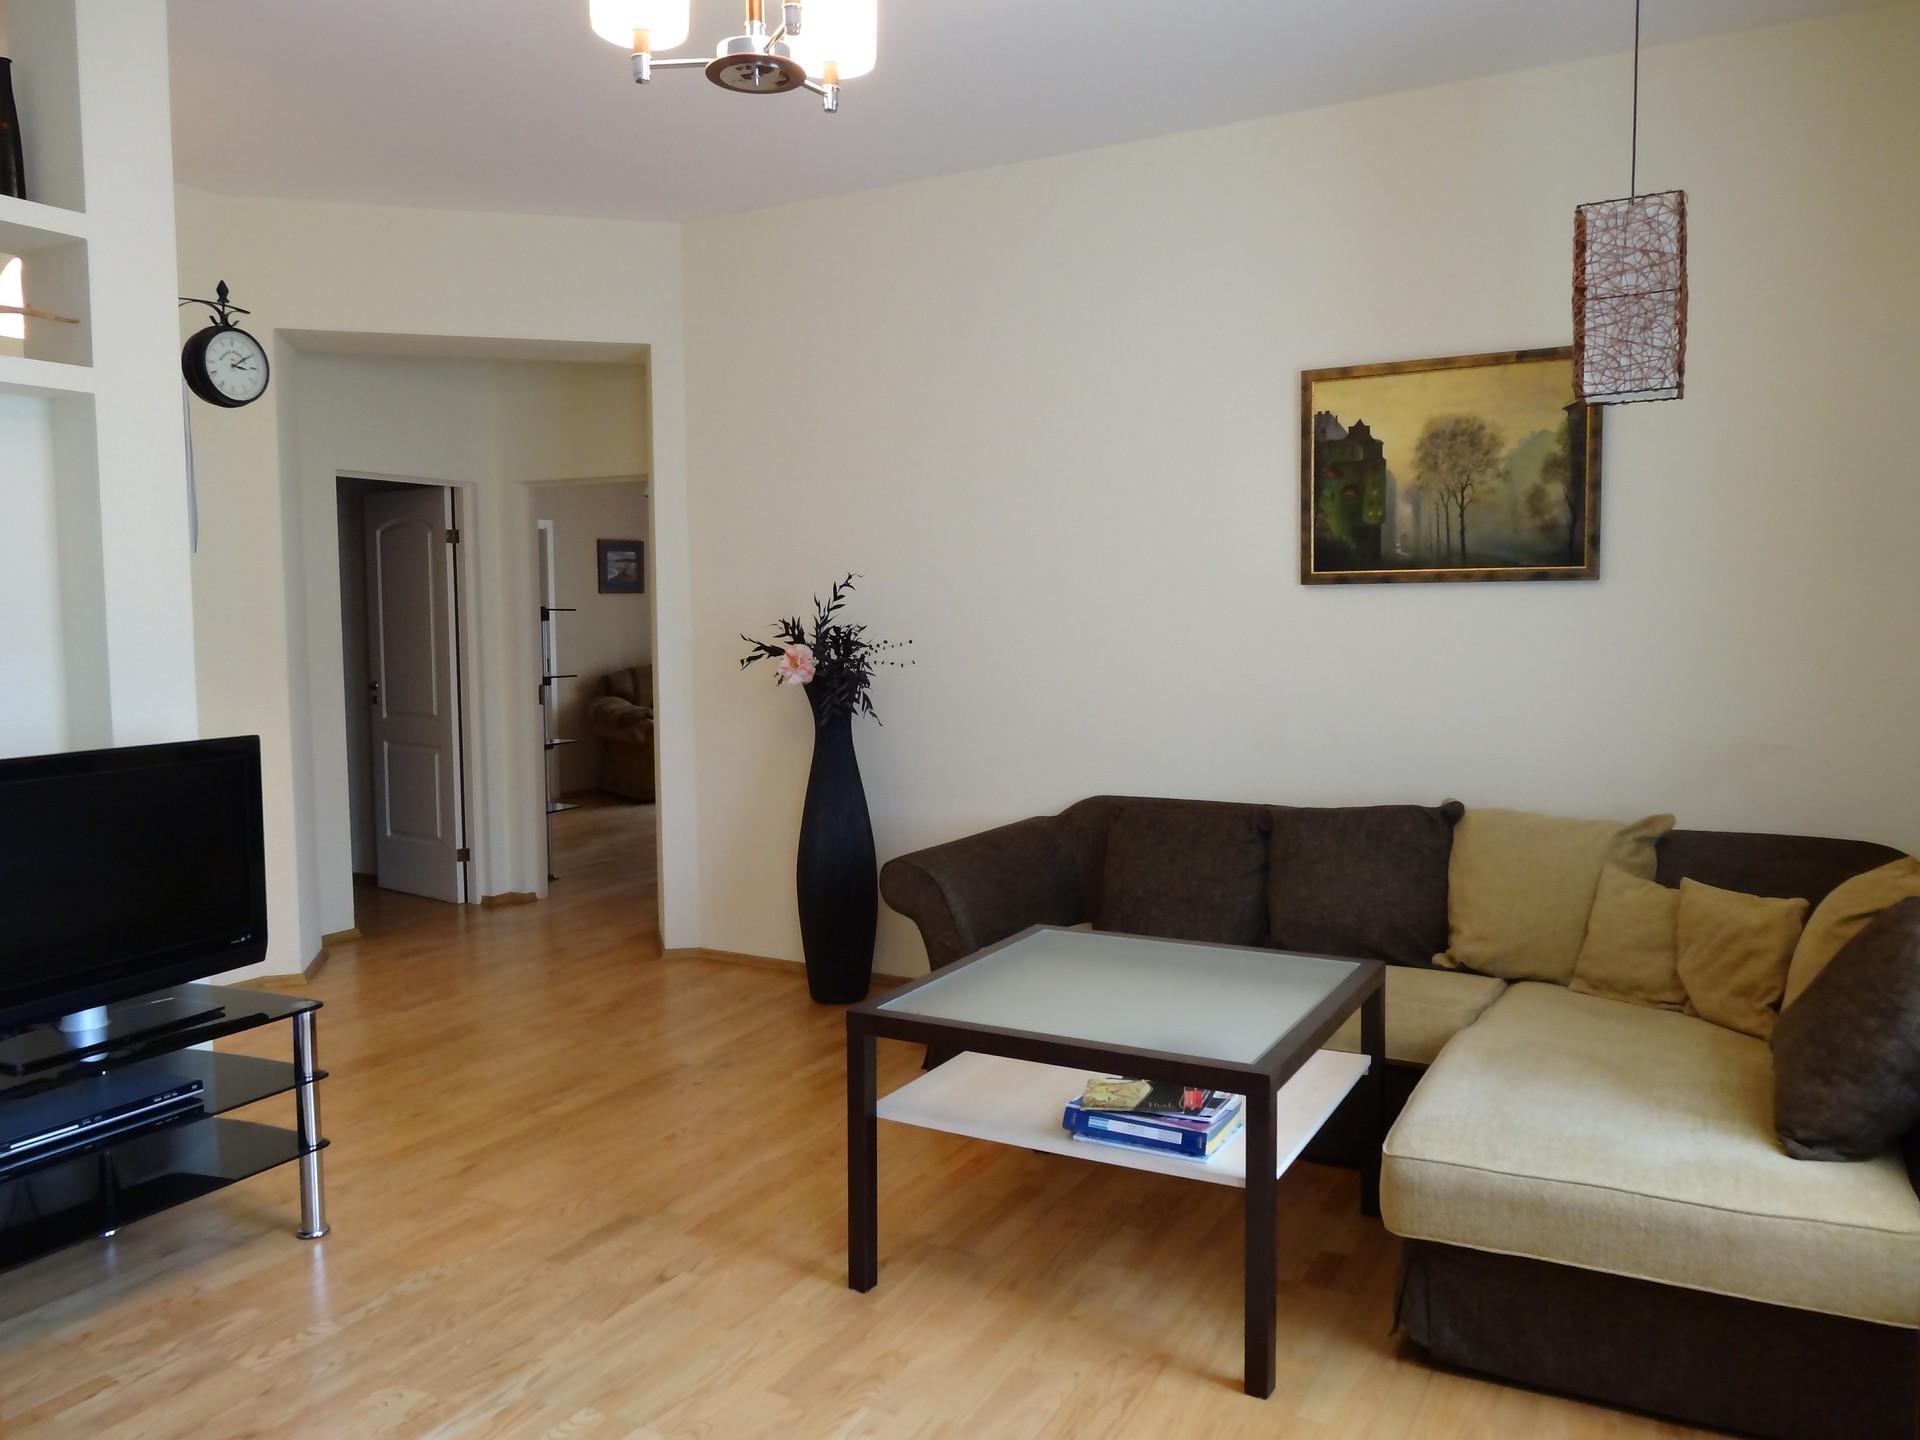 spacious-4-room-apartment-in-quiet-embassy-district-riga-center-ec69dfa80523762920548a99780461c3